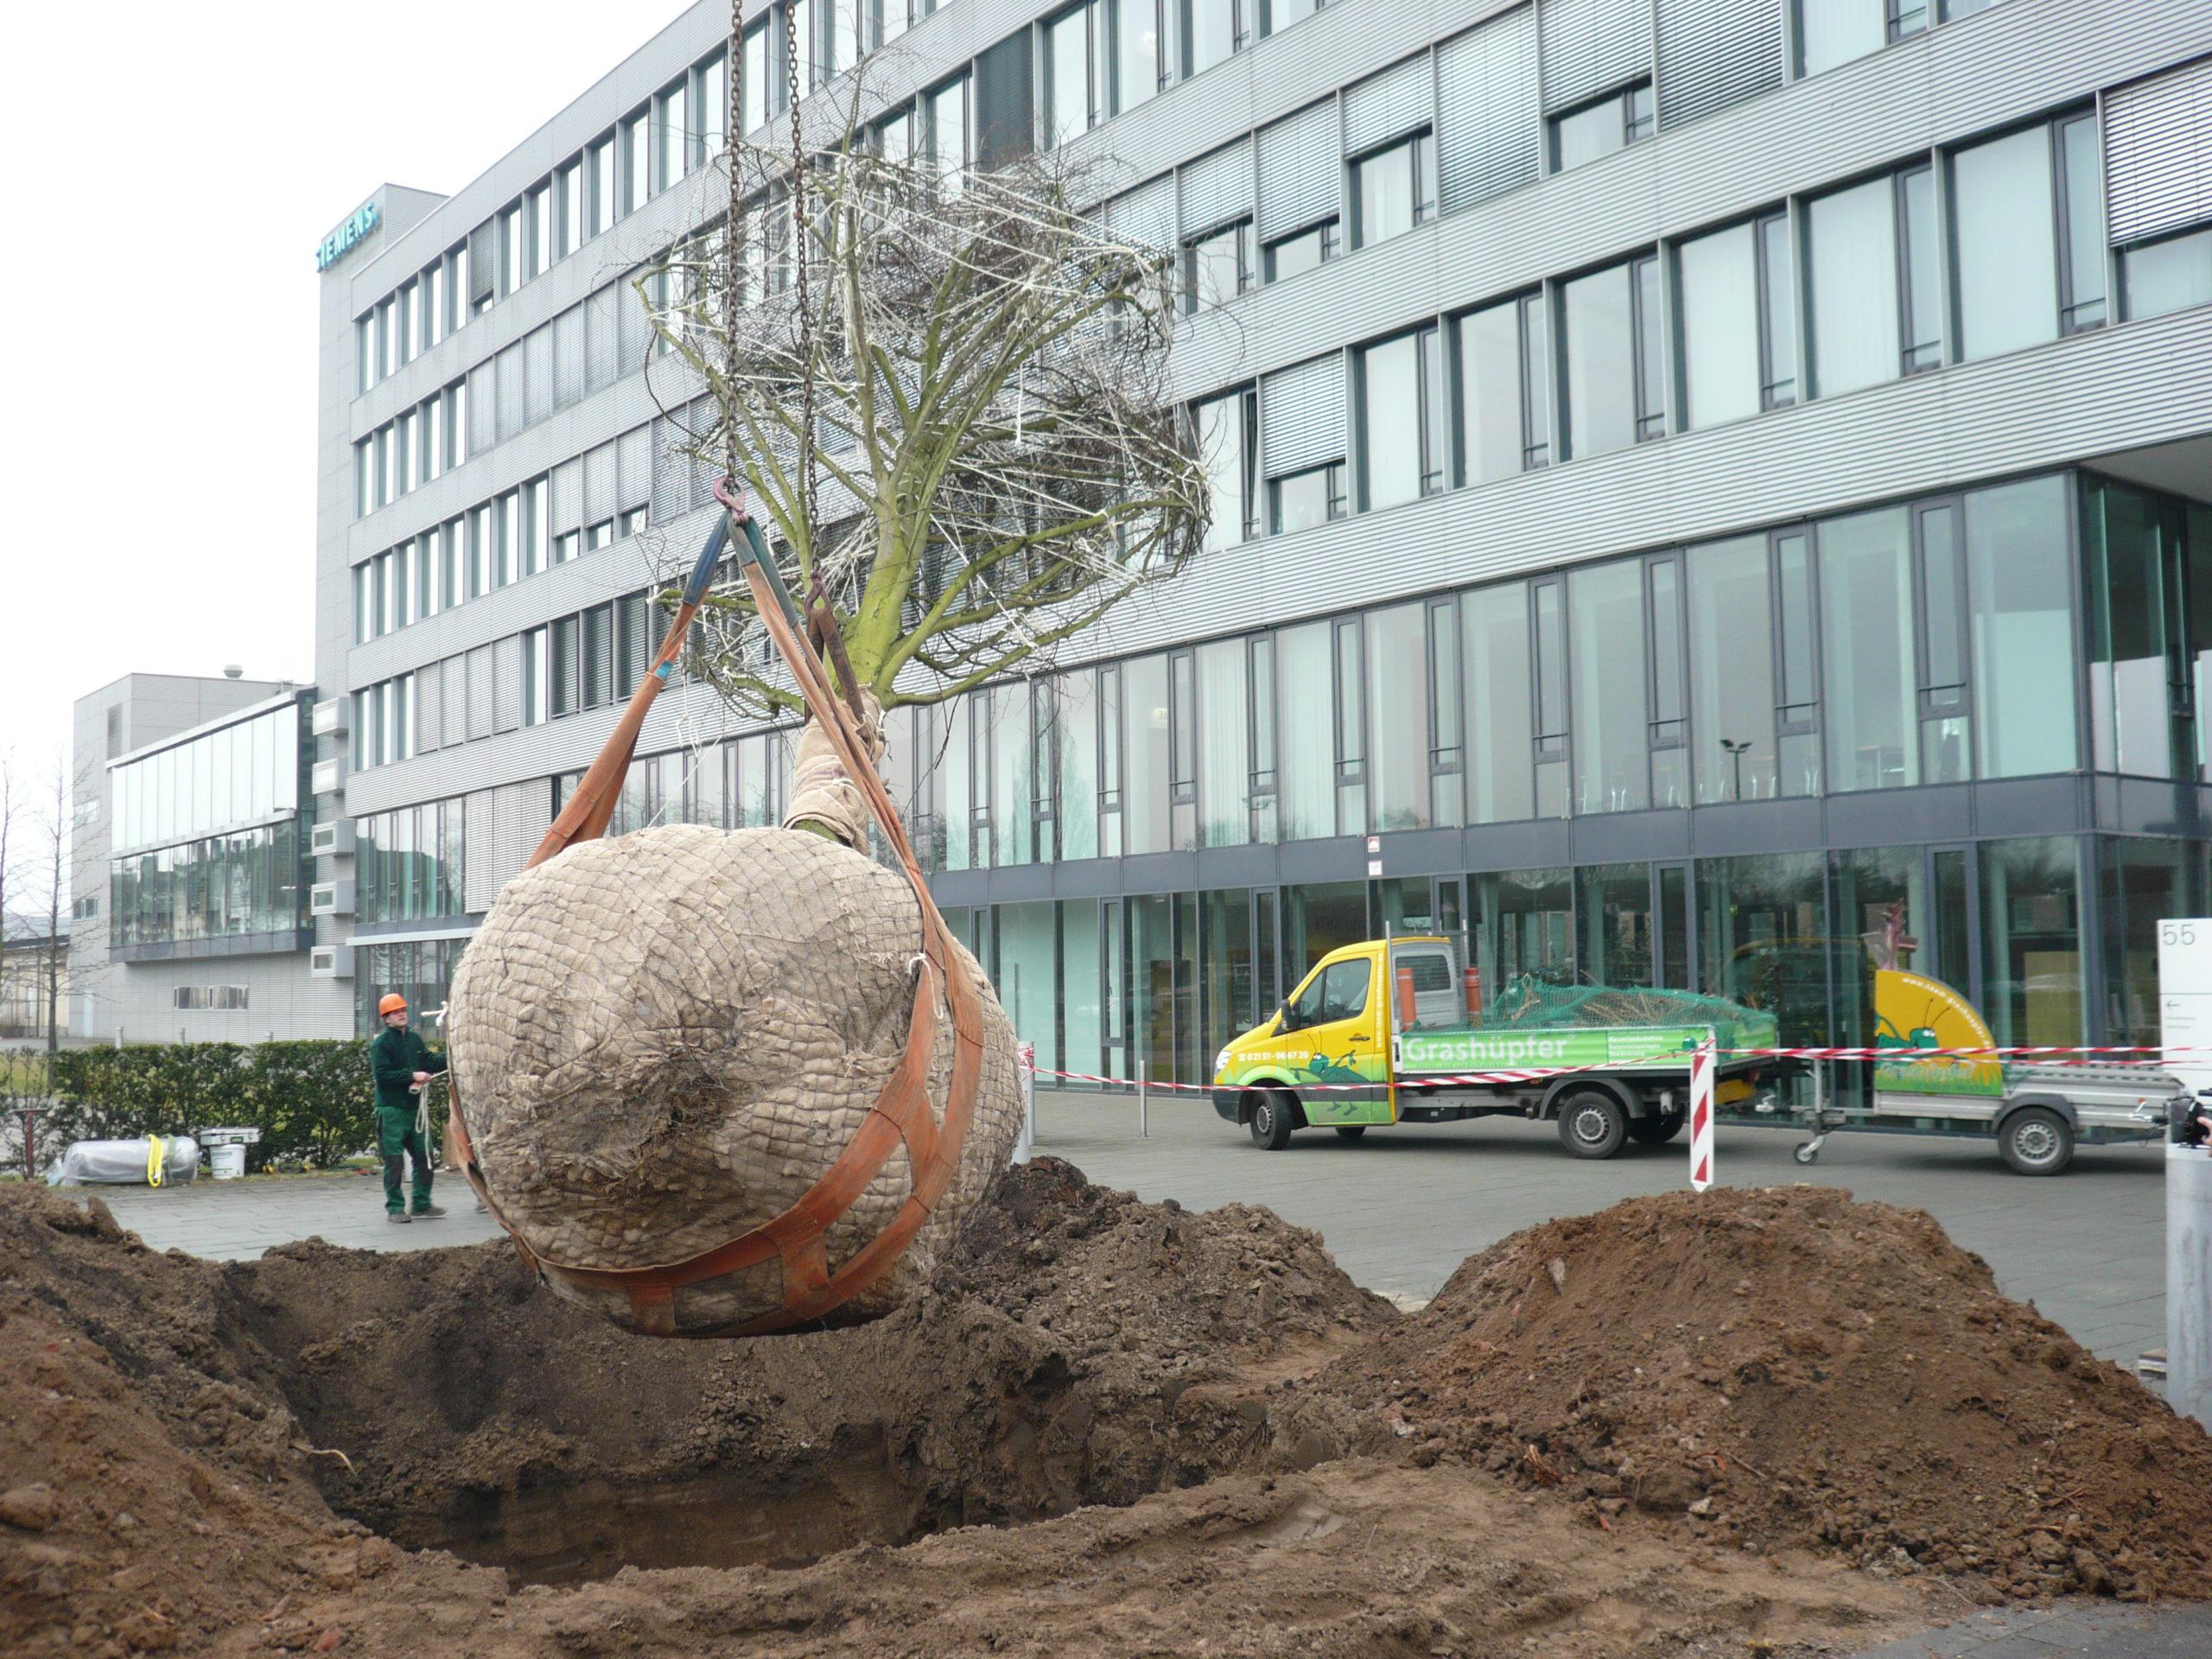 Großbaumpflanzung bei Siemens in Krefeld Uerdingen